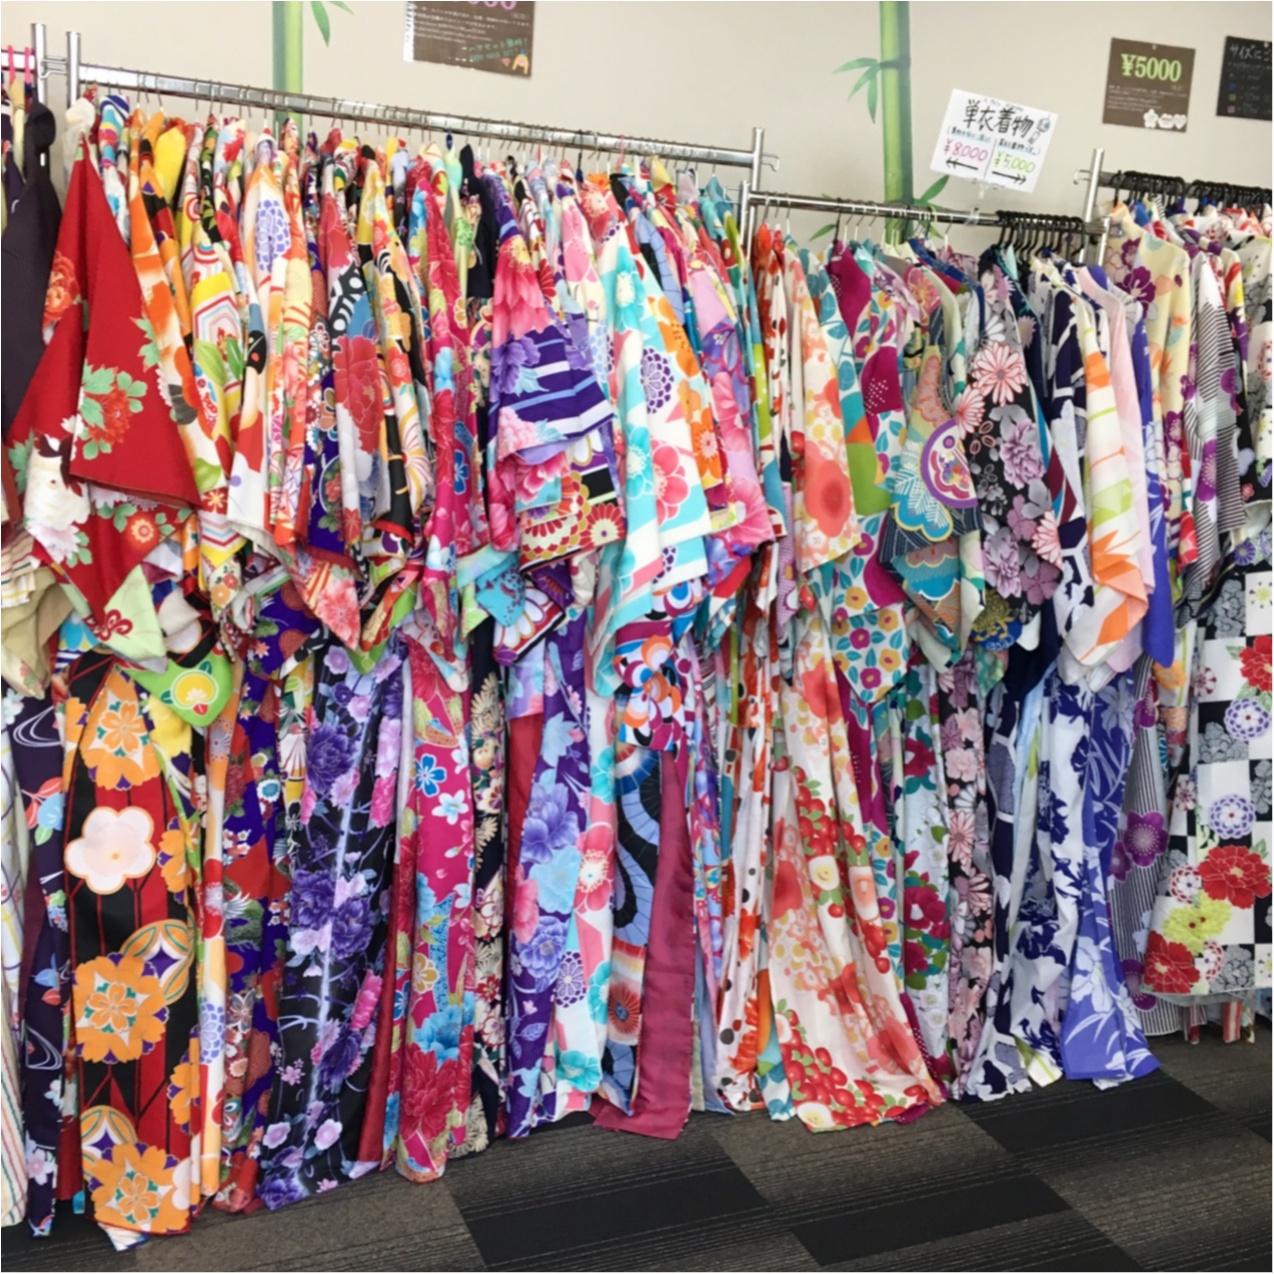 夏のデートは浴衣で決まり♡ 京都観光は浴衣のレンタルがおすすめ♡_2